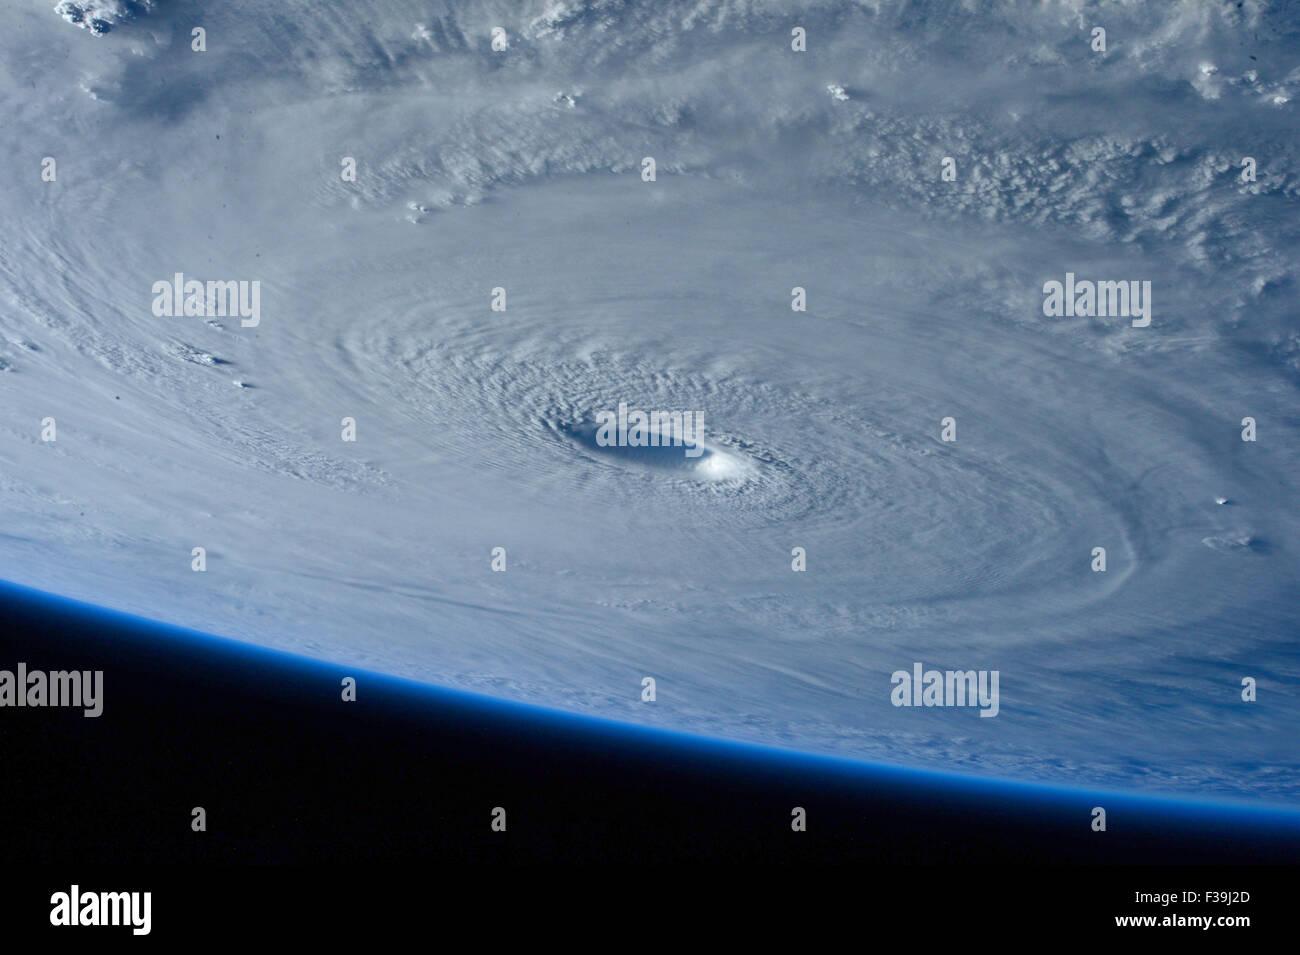 Taifun Maysak verstärkt in ein super-Taifun am 31. März erreichte Kategorie 5 Hurrikan-Status auf der Saffir-Simpson Stockfoto